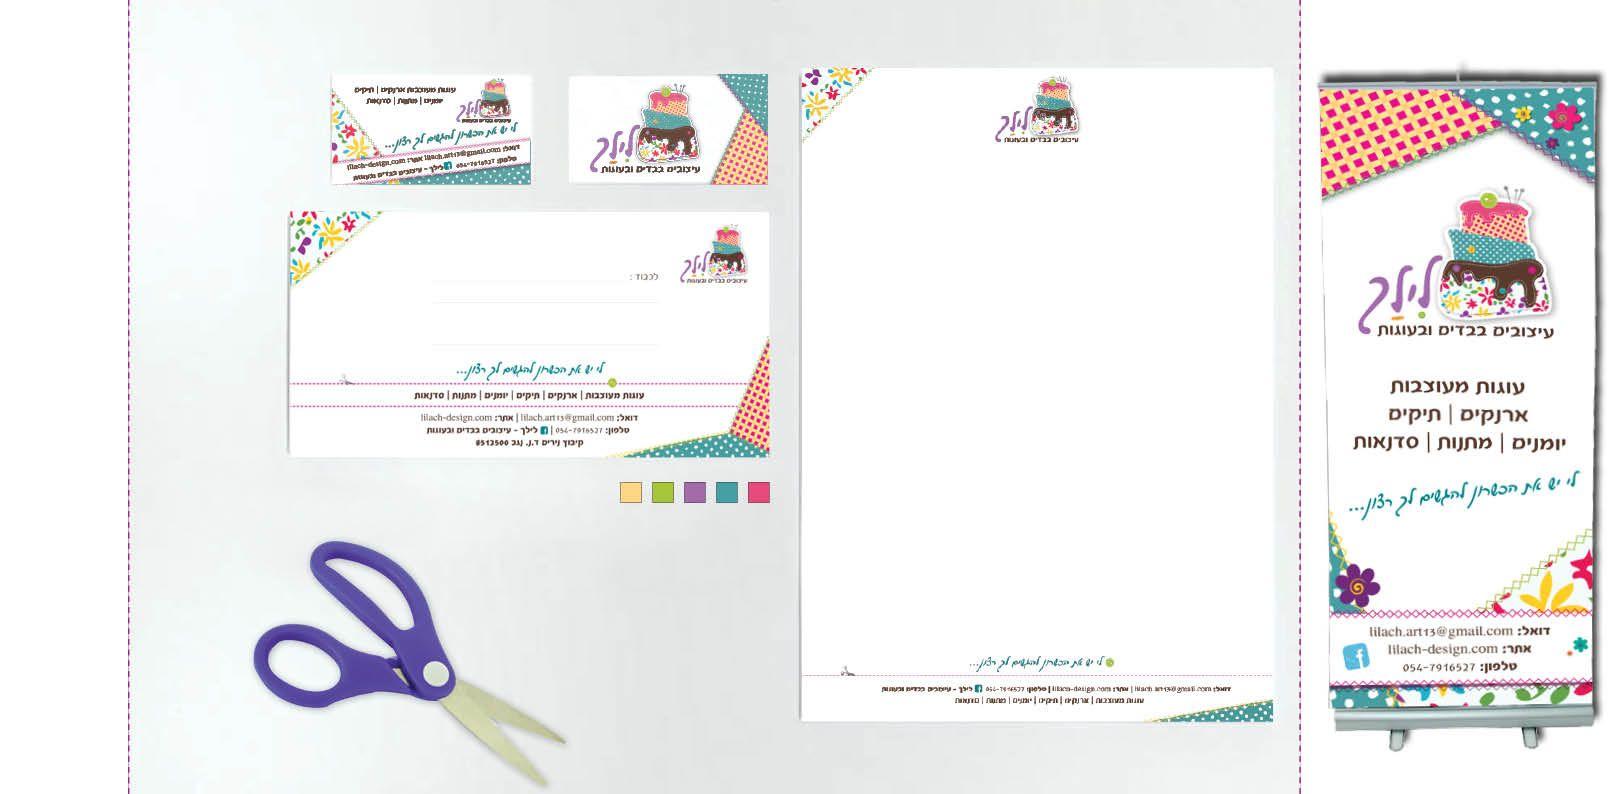 גלריה-מיתוג - מוריה הדסה עיצוב גרפי עיצוב לוגו